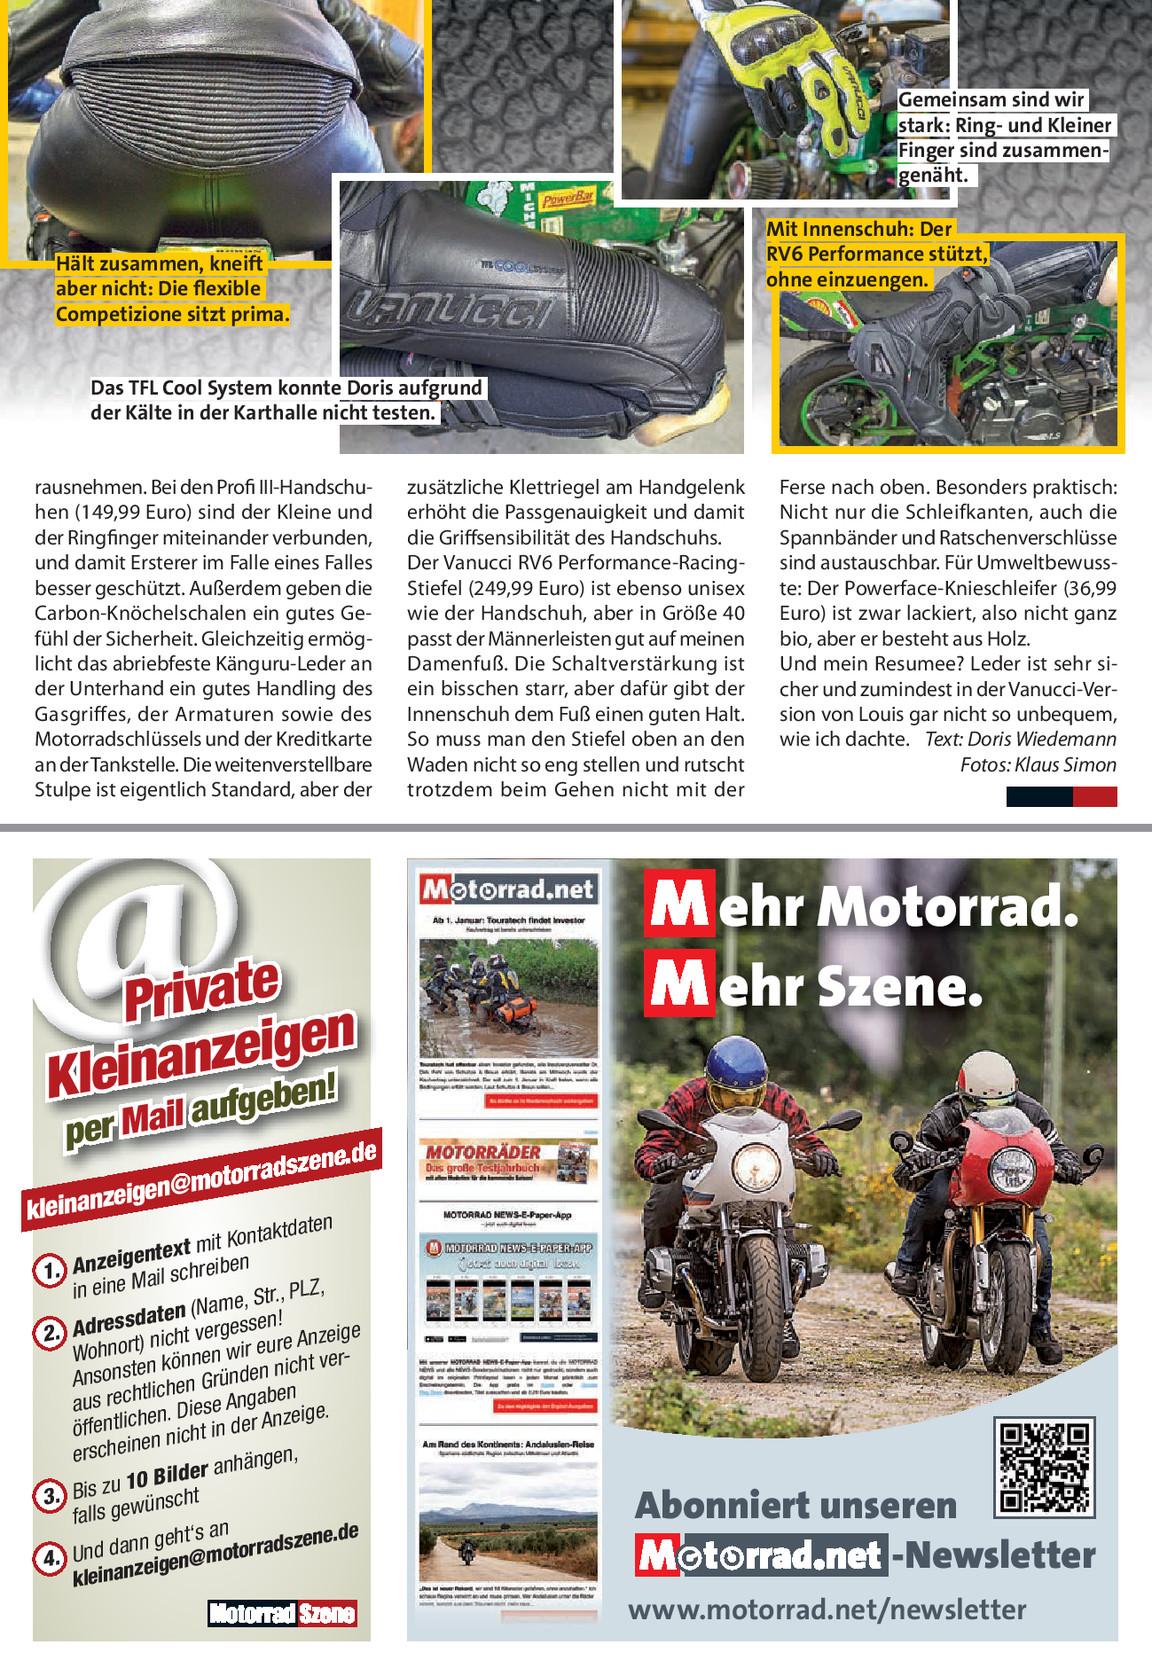 Motorradszene Spiegel 0418 Motorradszene